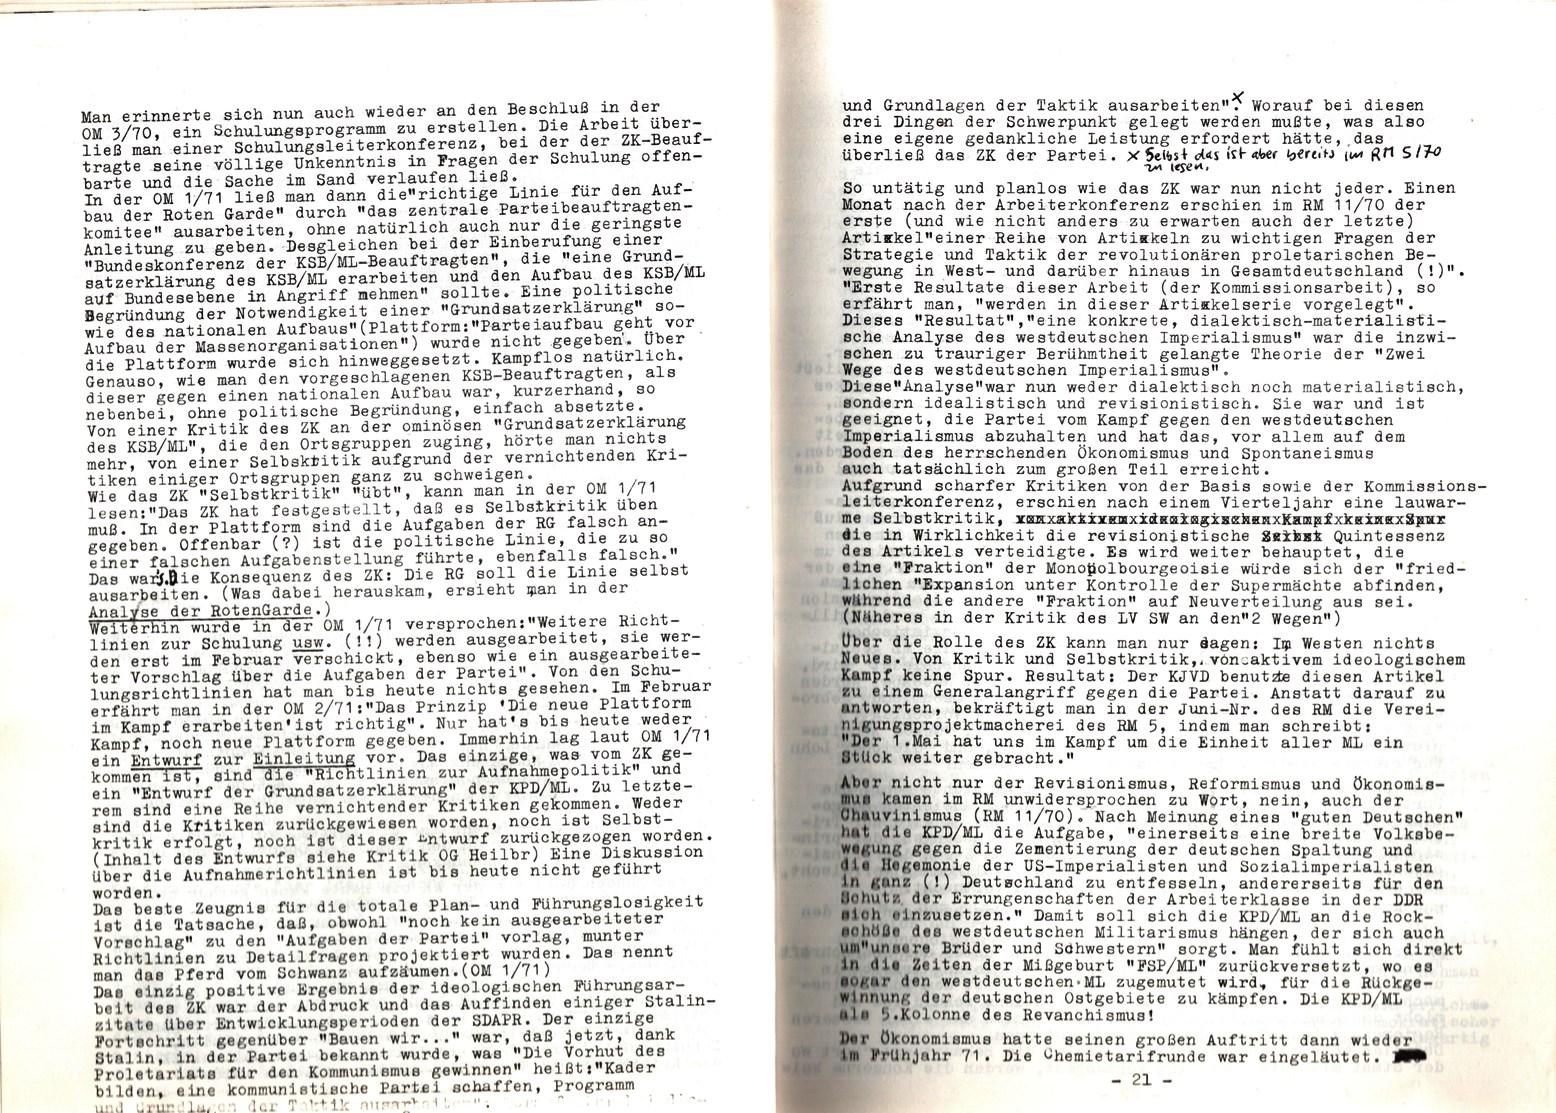 KPDML_1971_Analysen_und_Antraege_des_LV_Sued_West_016